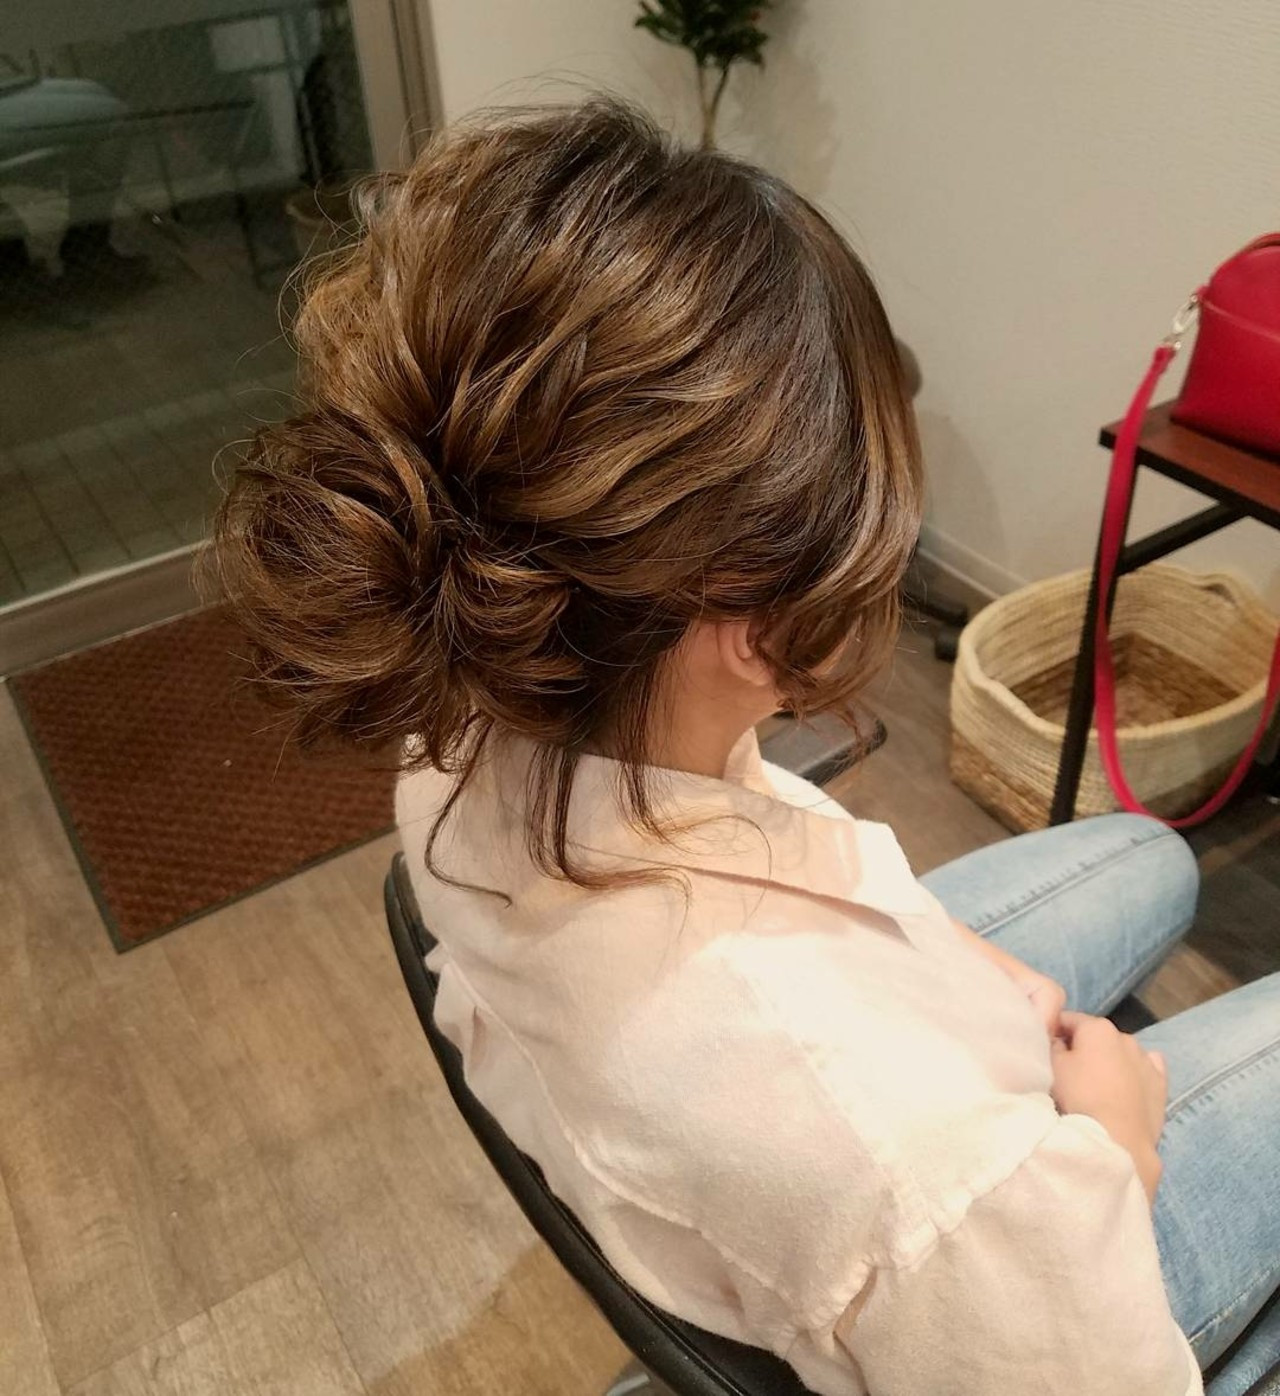 ナチュラル アップスタイル ヘアアレンジ ボブ ヘアスタイルや髪型の写真・画像